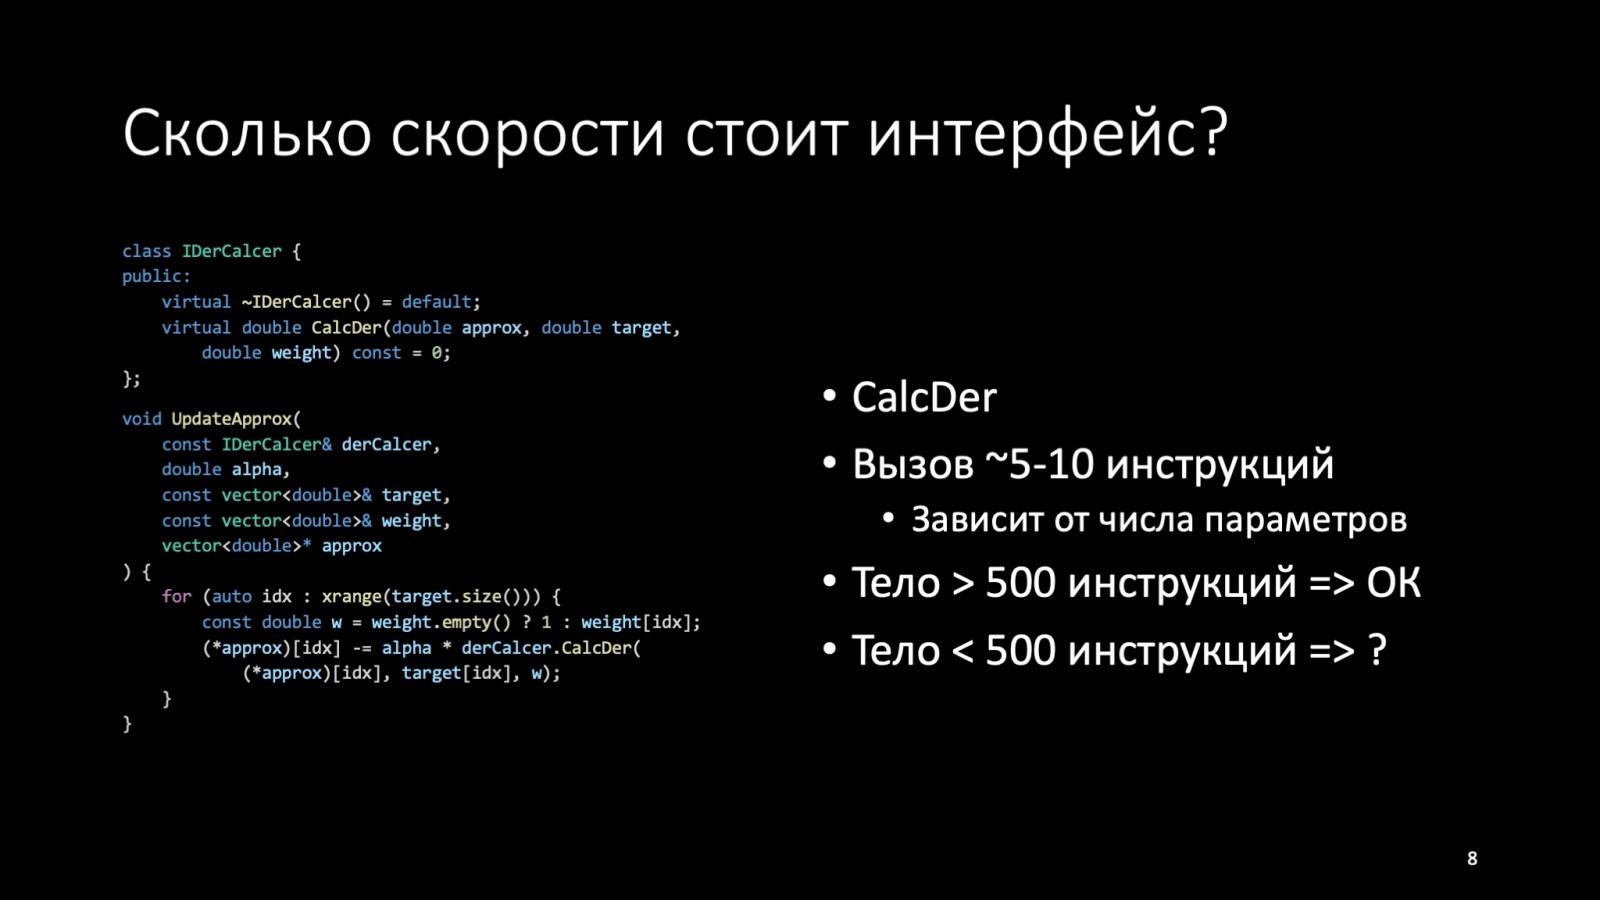 Оптимизация C++: совмещаем скорость и высокий уровень. Доклад Яндекса - 8